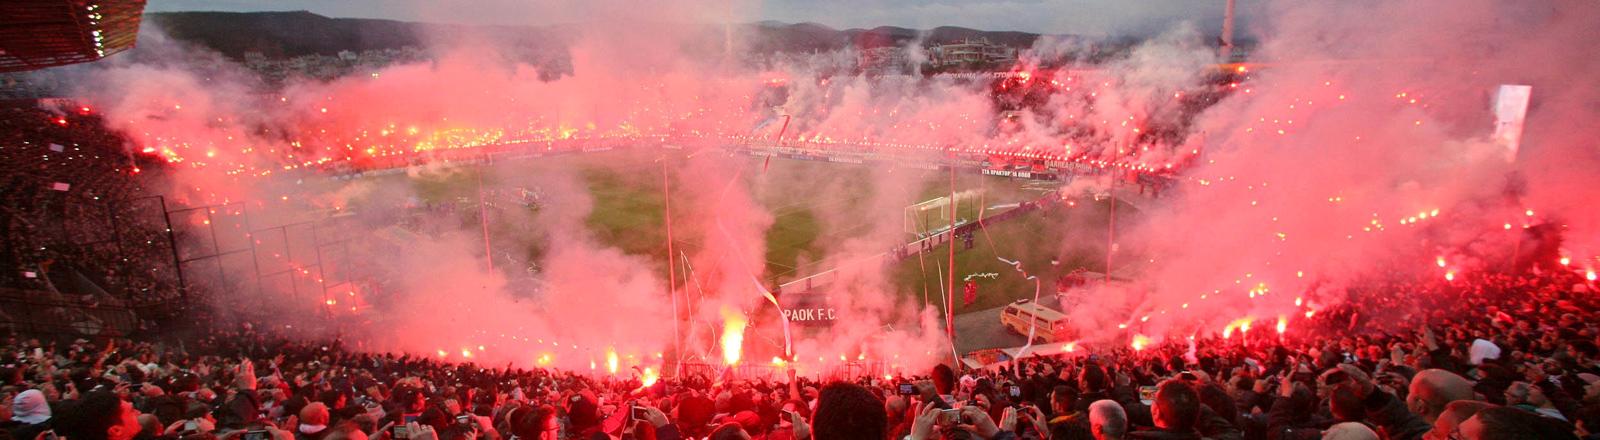 Feuerwerk bzw. bengalische Feuer brennen am 17.04.2014 während des Pokal-Halbfinales zwischen PAOK Saloniki und Olympiakos Piräus in der Toumba-Arena in Thessaloniki (Griechenland). Das Spiel begann mit 75 Minuten Verspätung und war von Schlägereien und schweren Ausschreitungen überschattet.